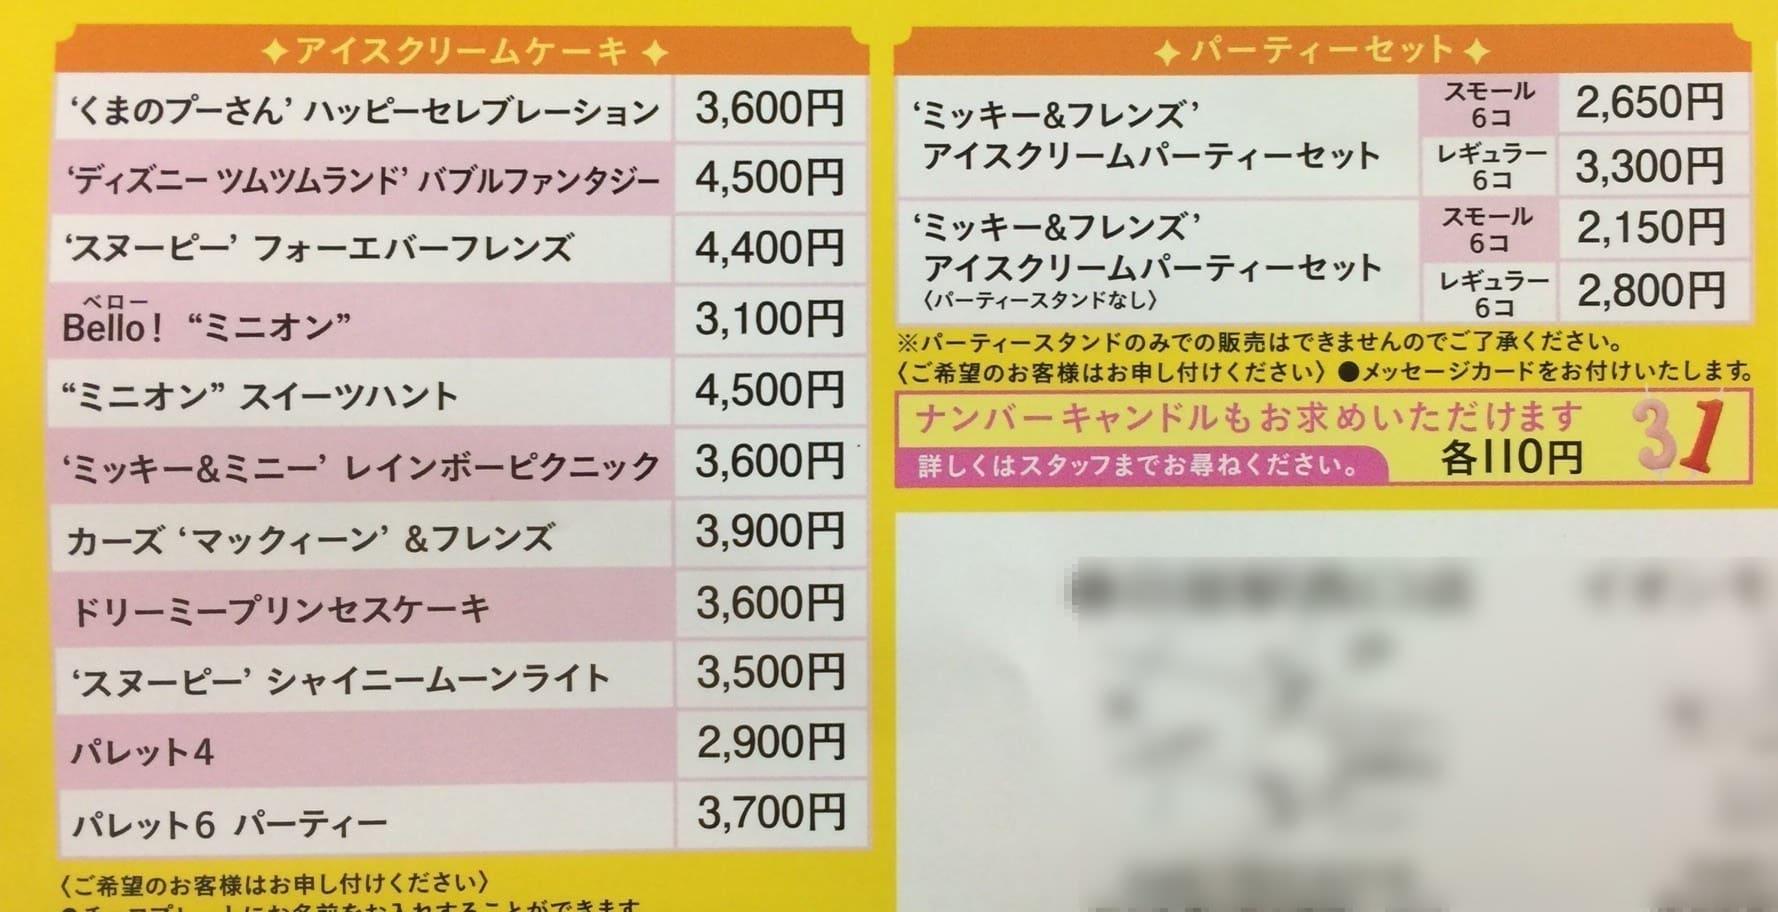 サーティワンアイスクリームケーキ値段表